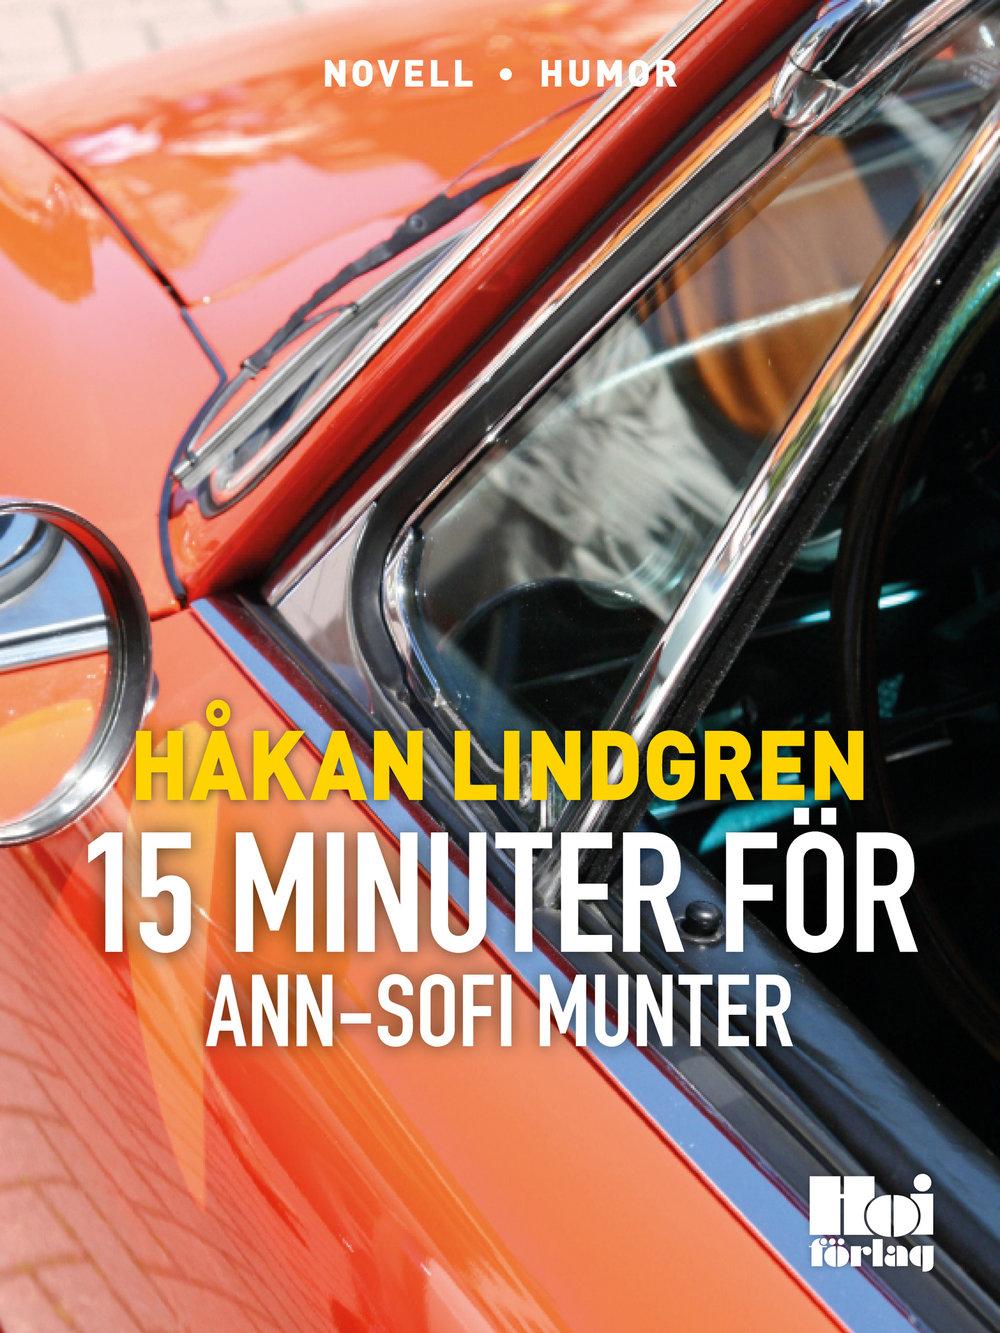 Femton minuter för Ann-Sofie Munter